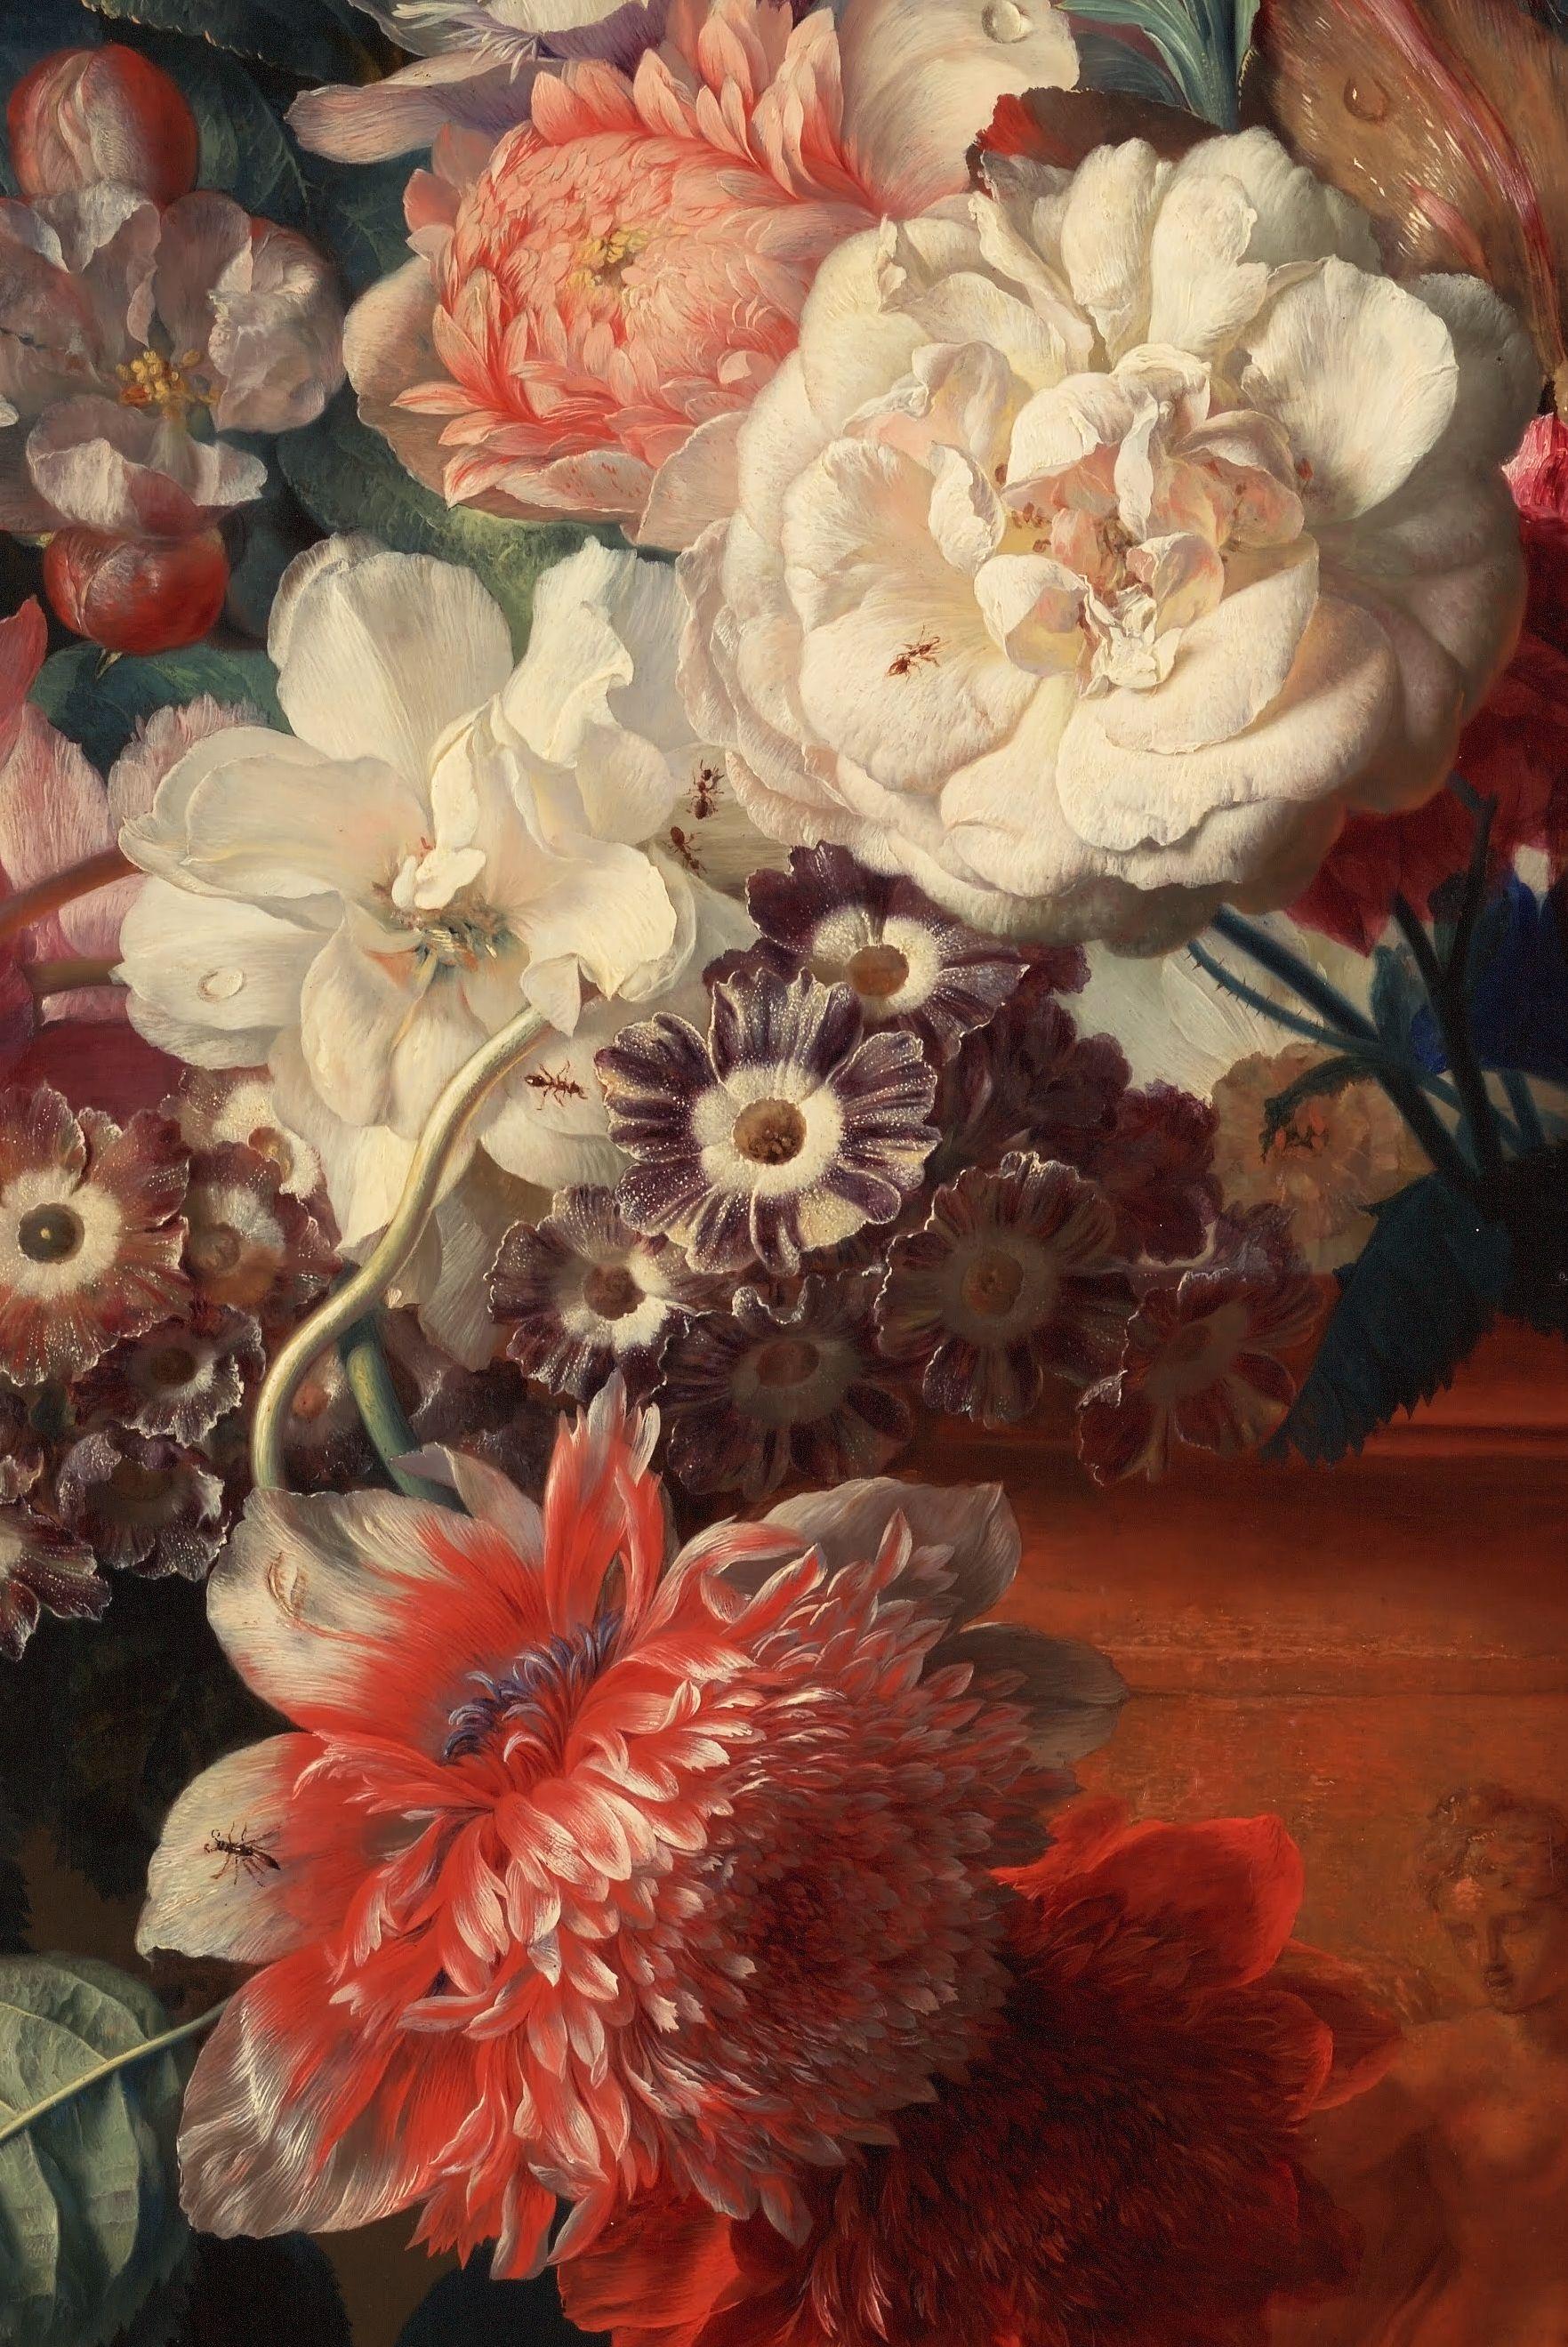 Jan van Huysum, Vase of Flowers (Detail),1722